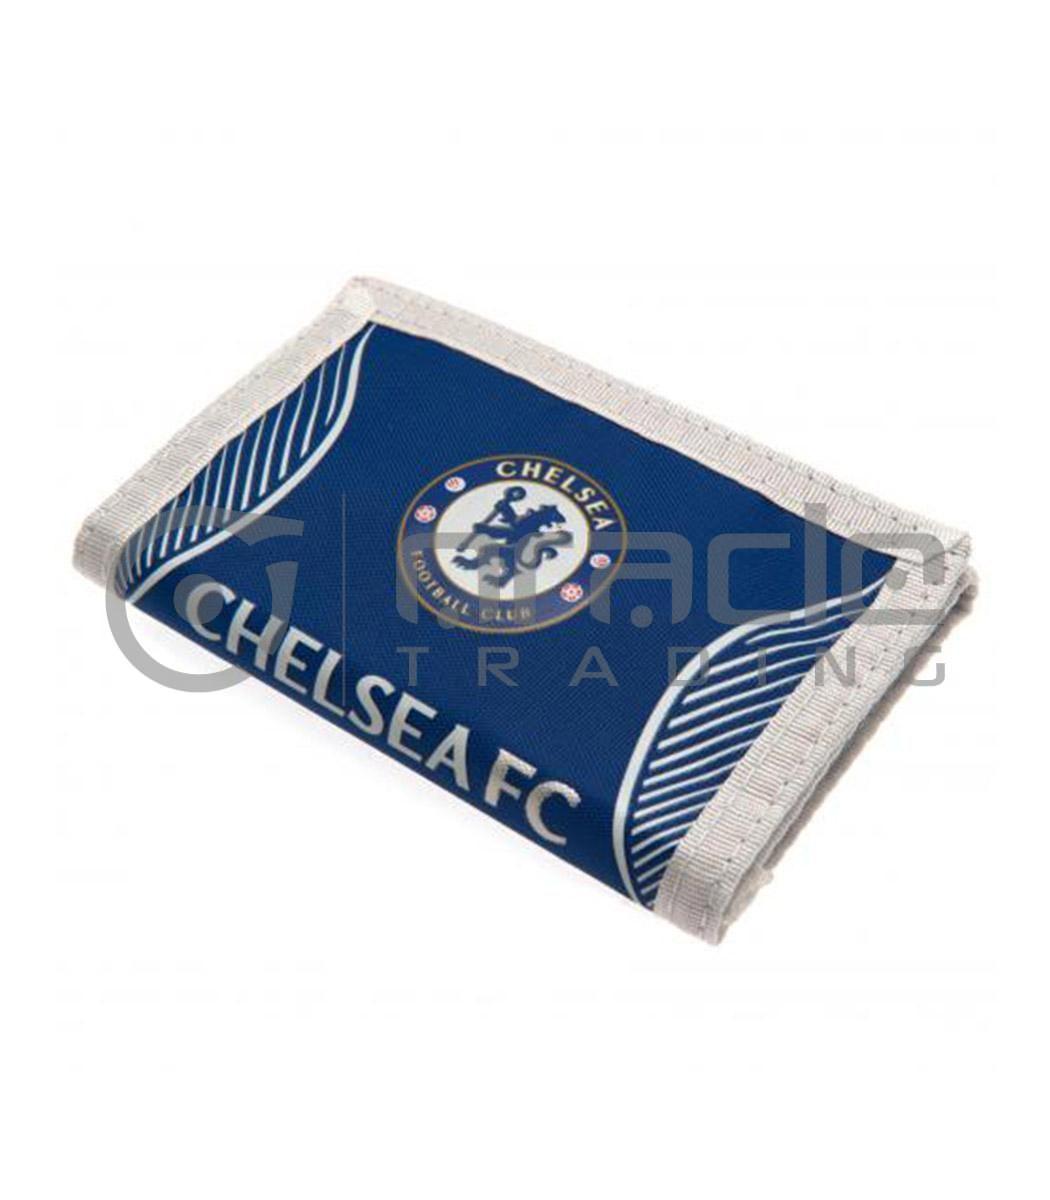 Chelsea Crest Wallet